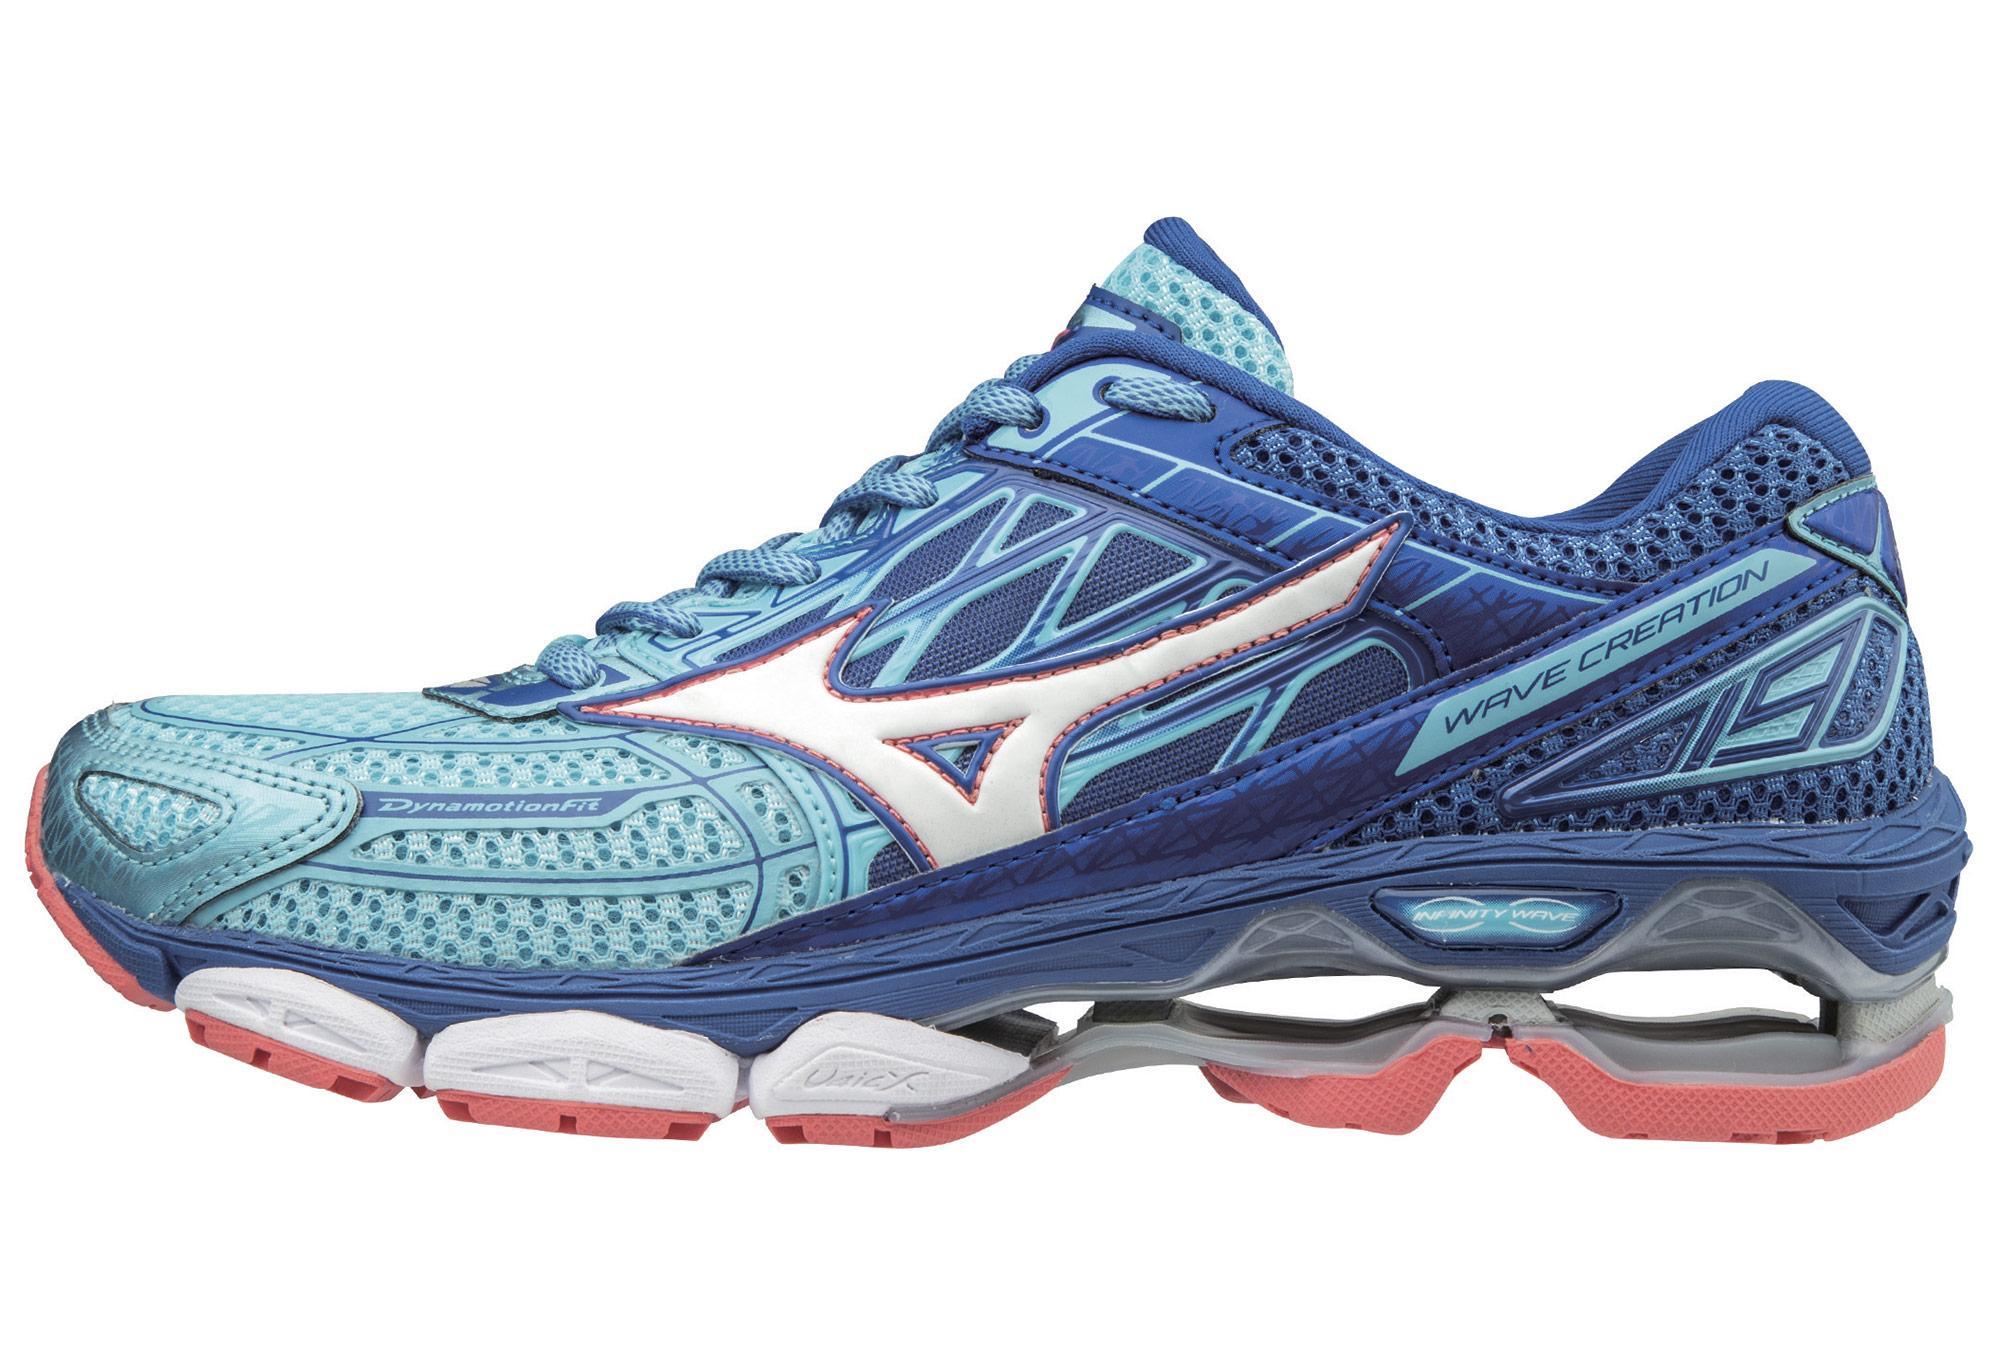 size 40 aa8a5 ad774 Chaussures de Running Femme Mizuno Wave Creation 19 Bleu   Bleu